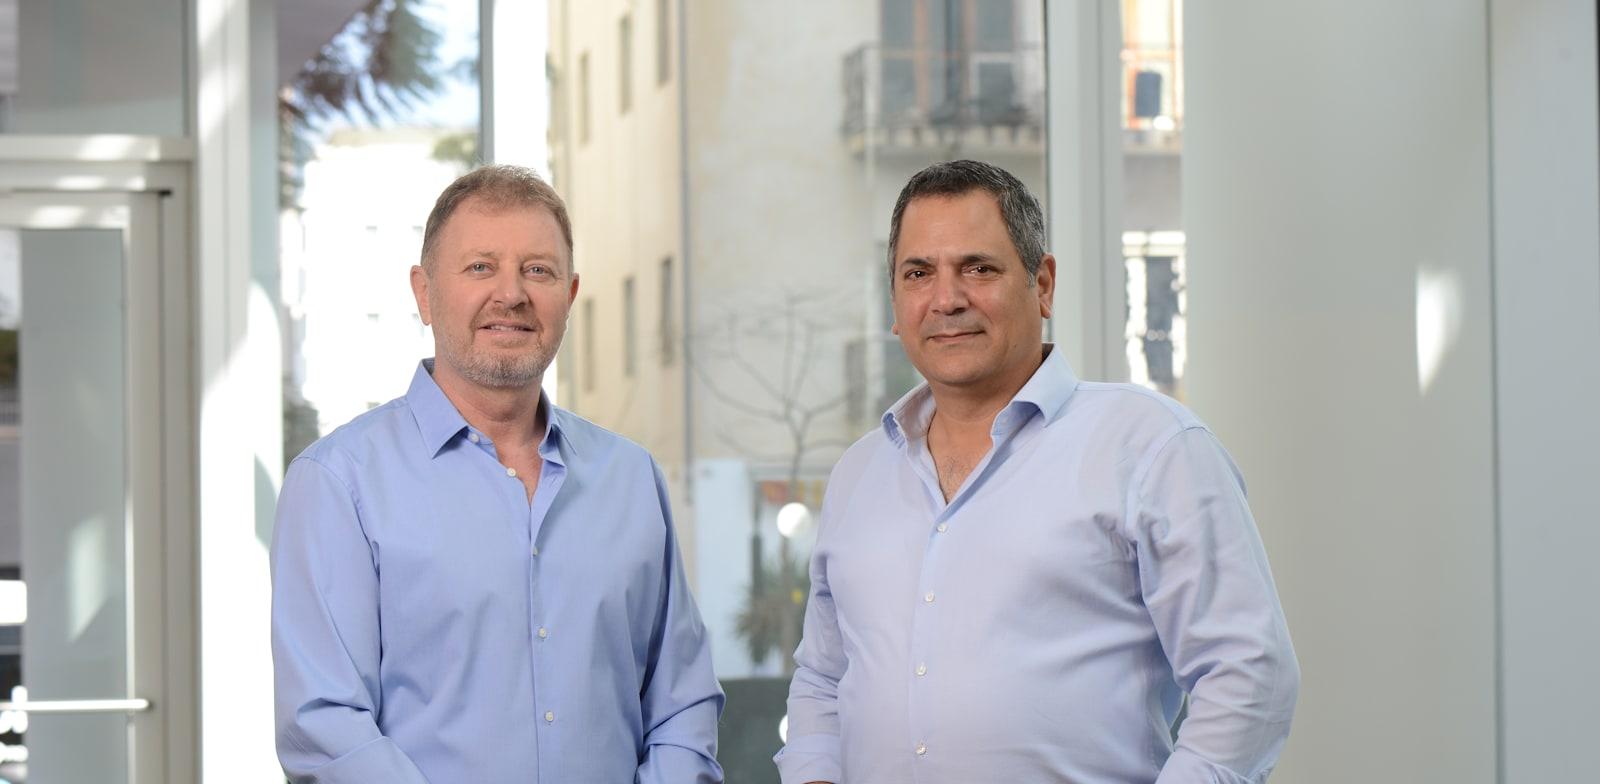 """זיו אבירם, בעלי מדיקיין (משמאל), וד""""ר יוסי בן עמרם, מנכ""""ל החברה / צילום: איל יצהר"""